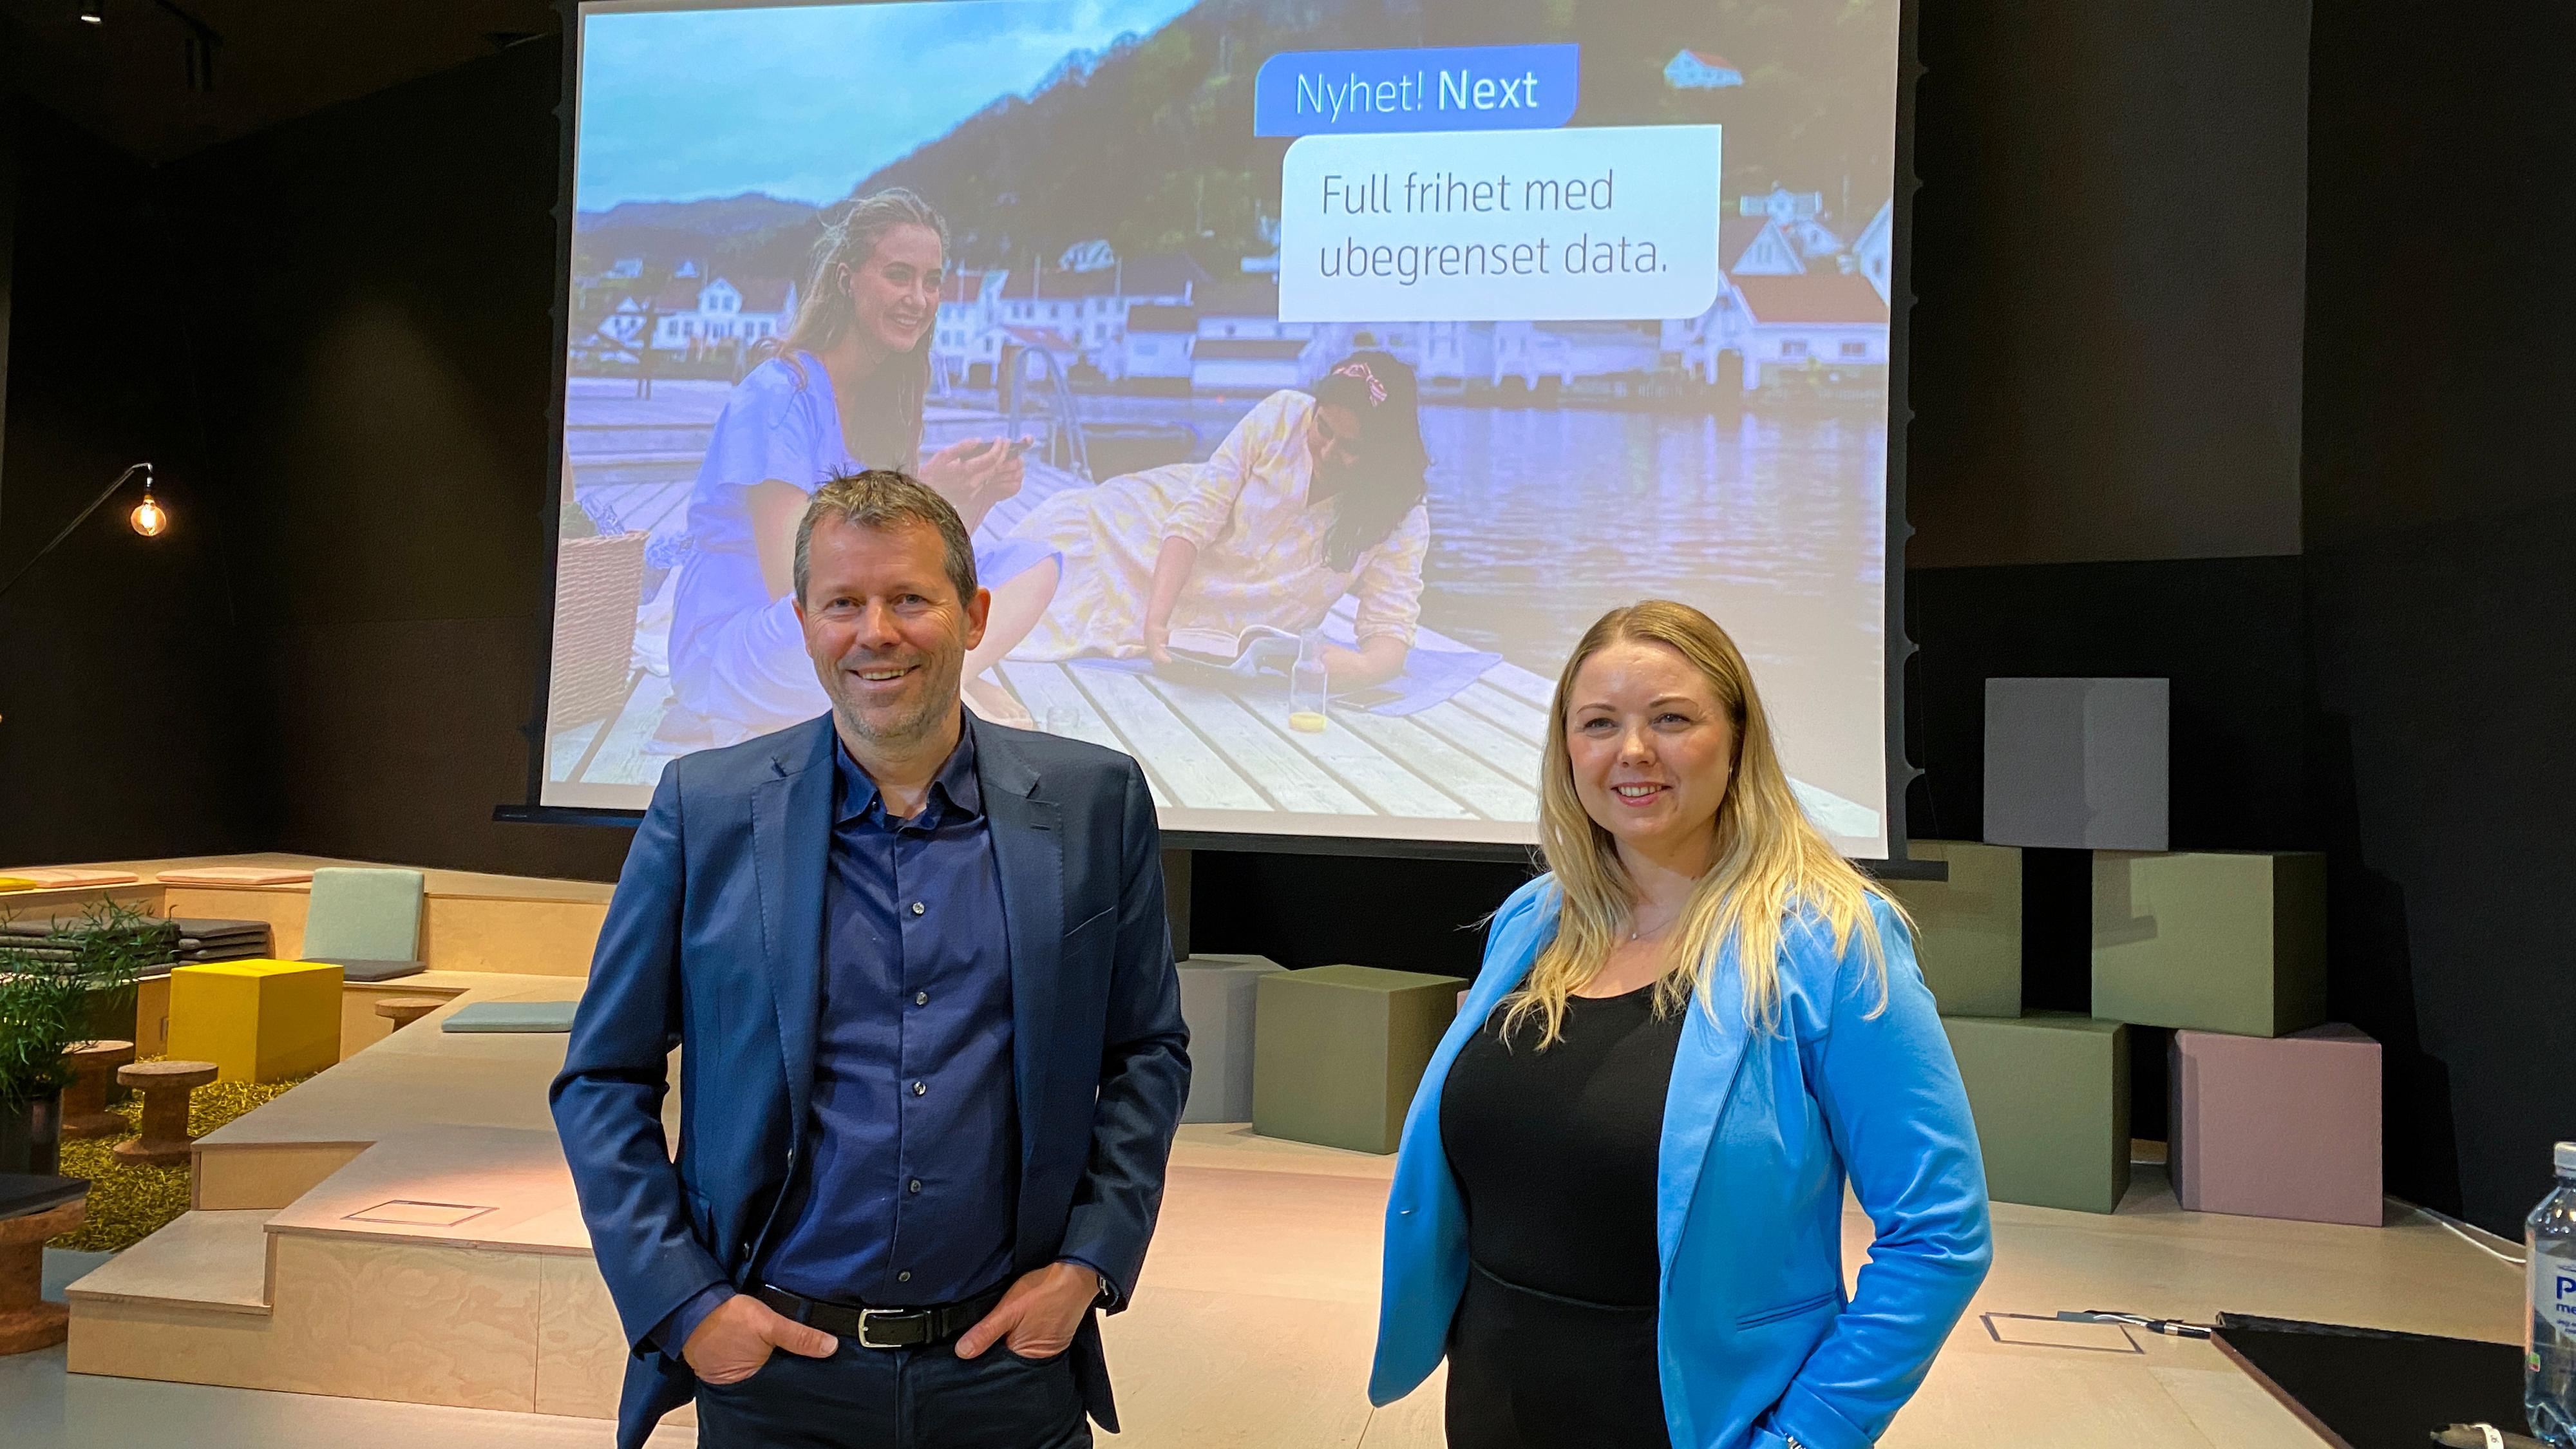 Mobildirektør Ric Brown og markedsdirektør June Solbekk i Telenor hadde en nyhet å presentere torsdag: Telenor Next.